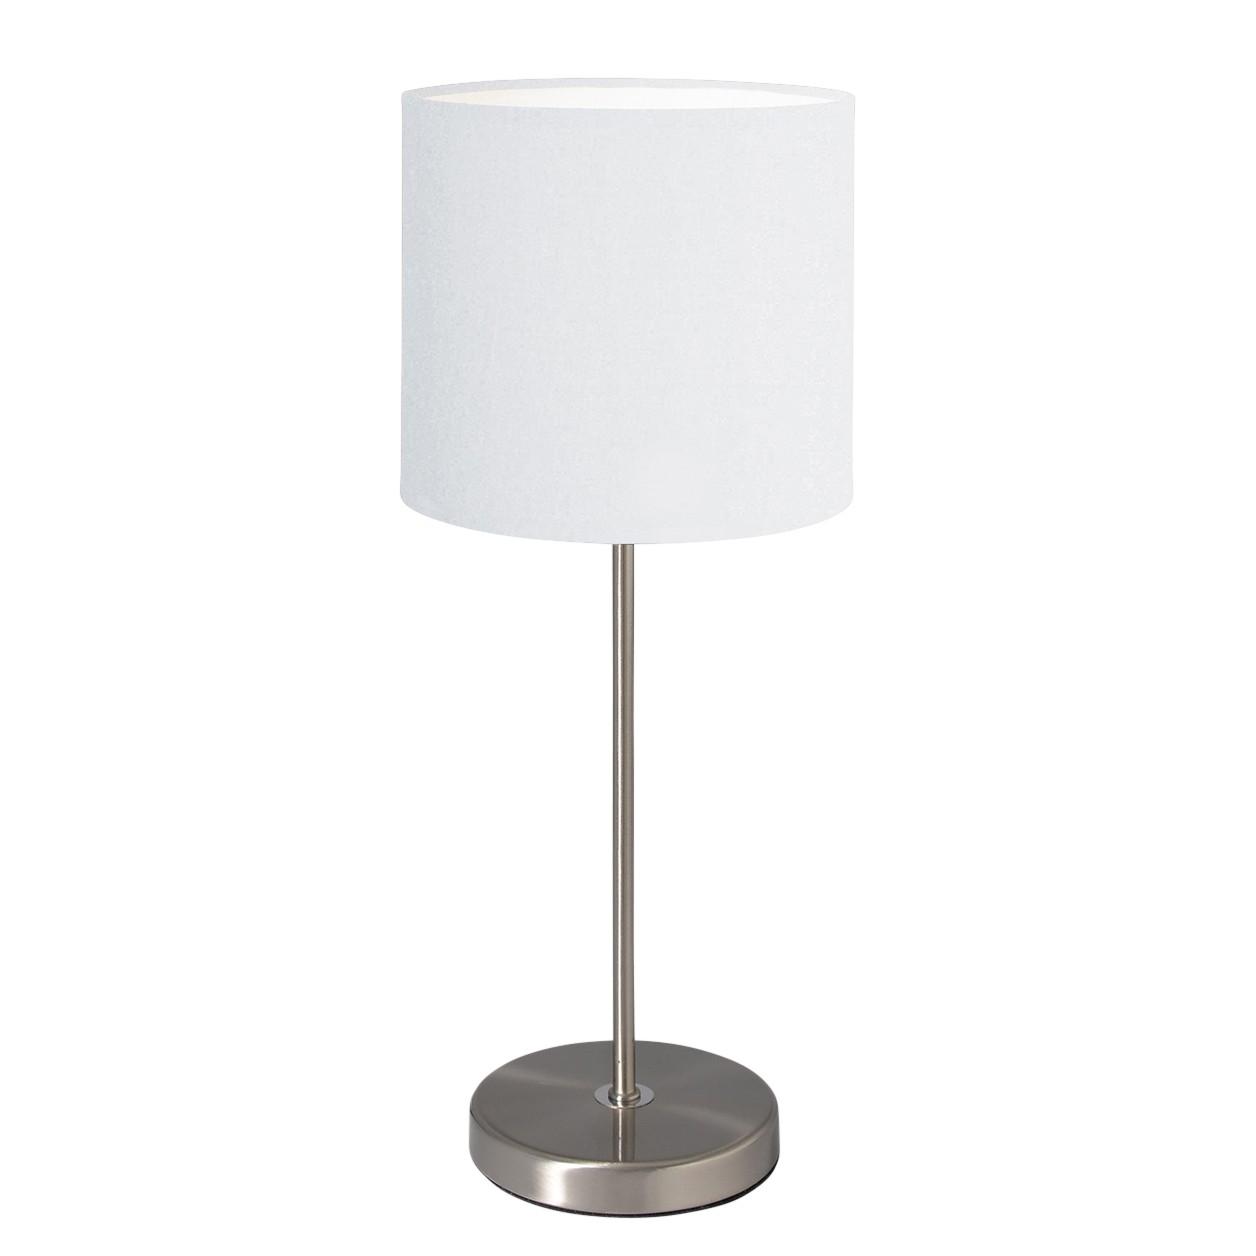 energie  A++, Tafellamp - stof/zilverkleurig metaal 1 lichtbron, Näve